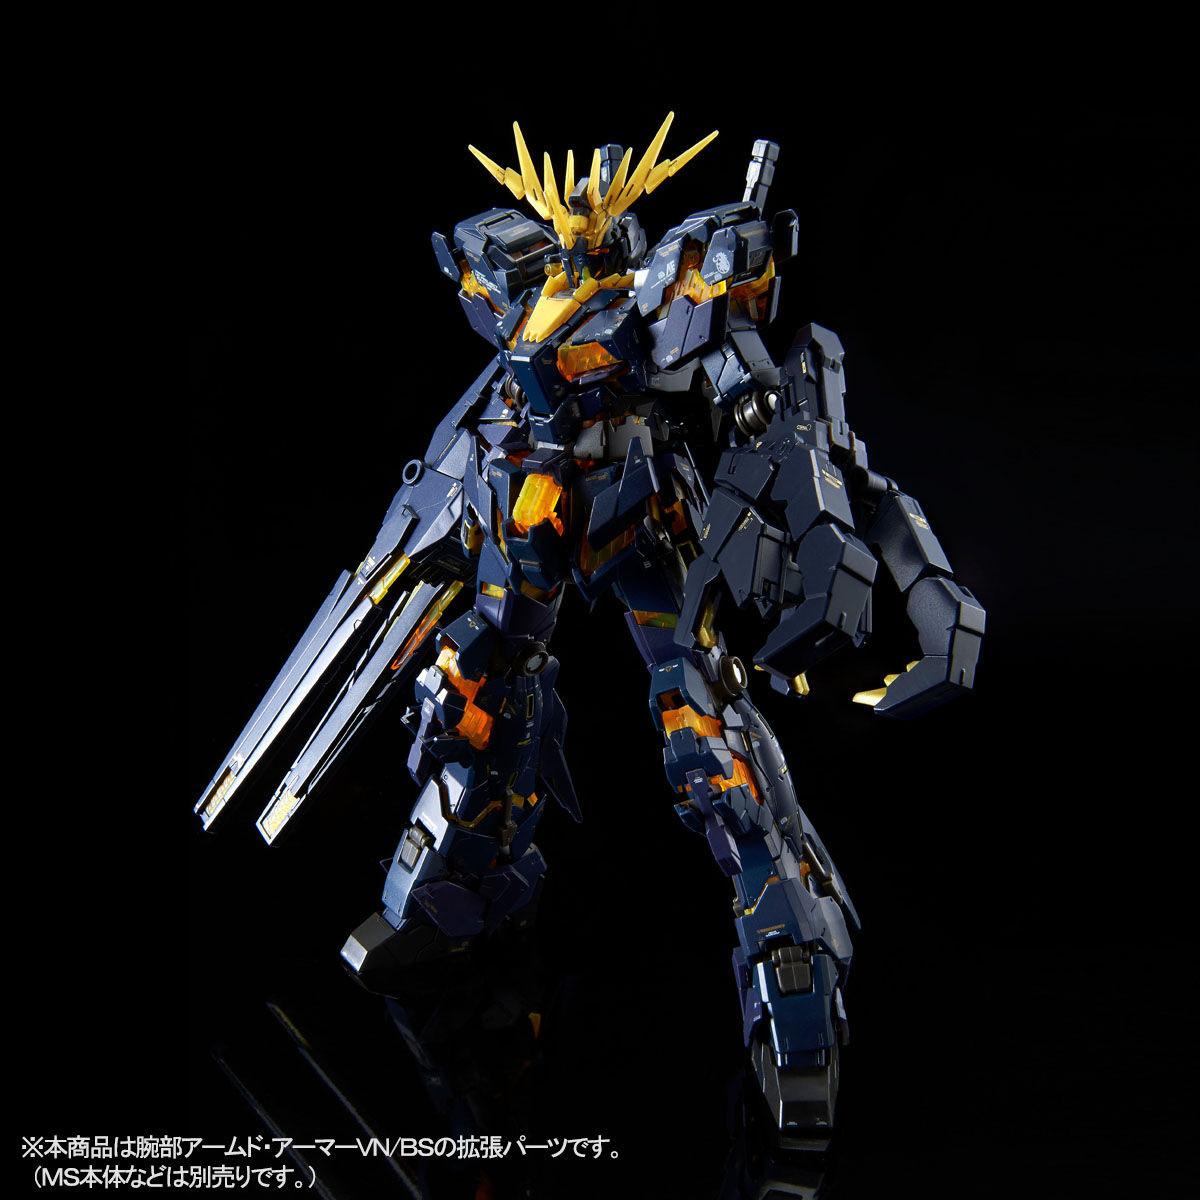 RG 1/144『拡張ユニット アームド・アーマーVN/BS』ガンダムUC プラモデル-002